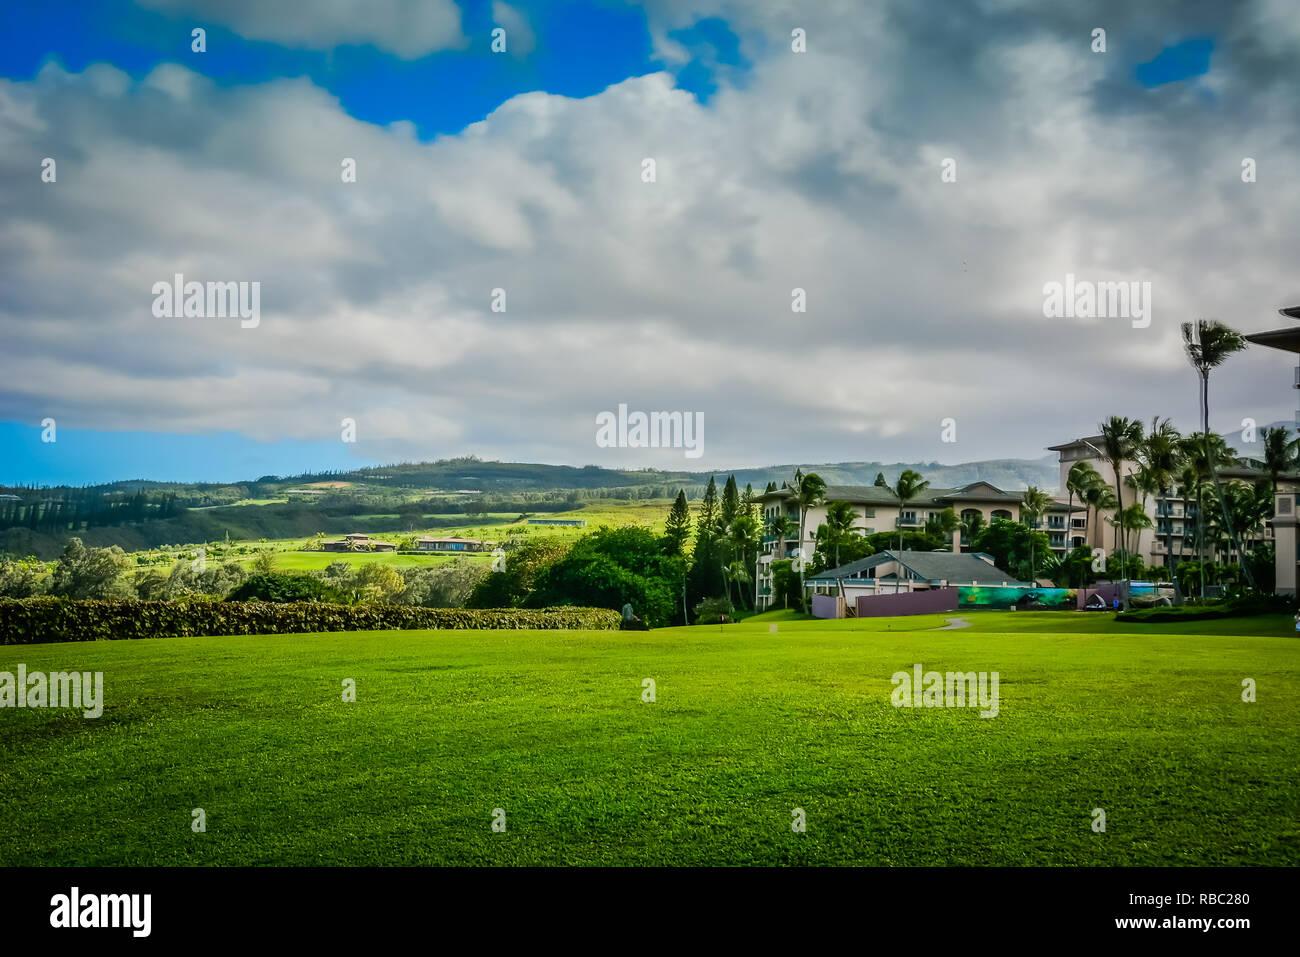 Kapalua, Maui, Hawai.exclusivo enclave turístico con hoteles, residencias elegantes, campos de golf de clase mundial, playas y restaurantes. Foto de stock